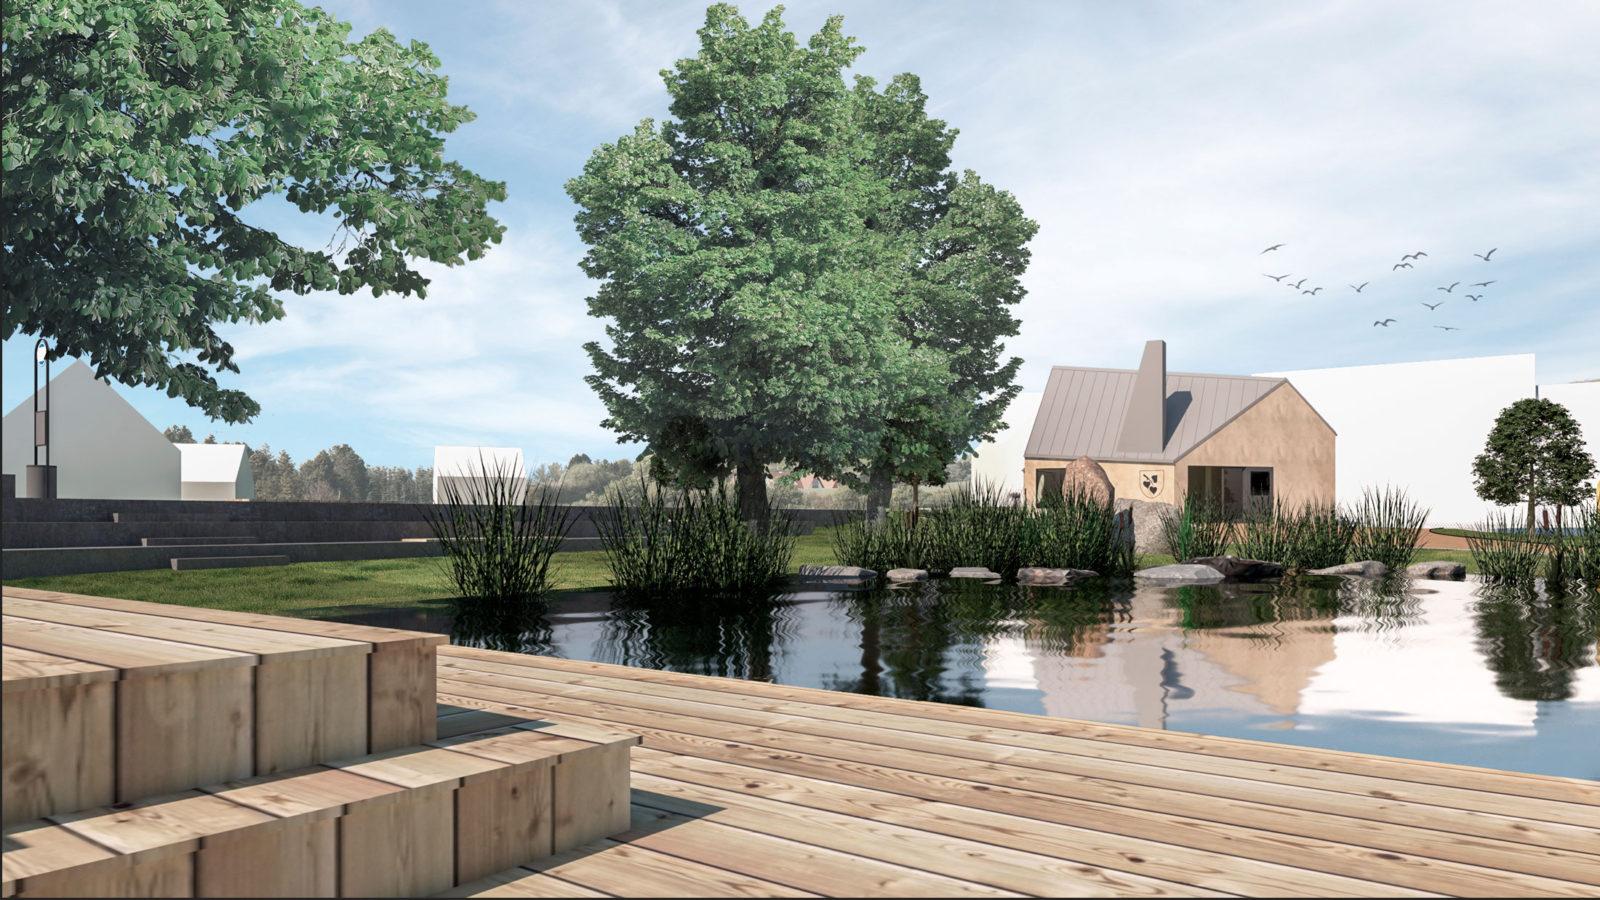 Vizualizace - pohled na obecní úřad přes rybník